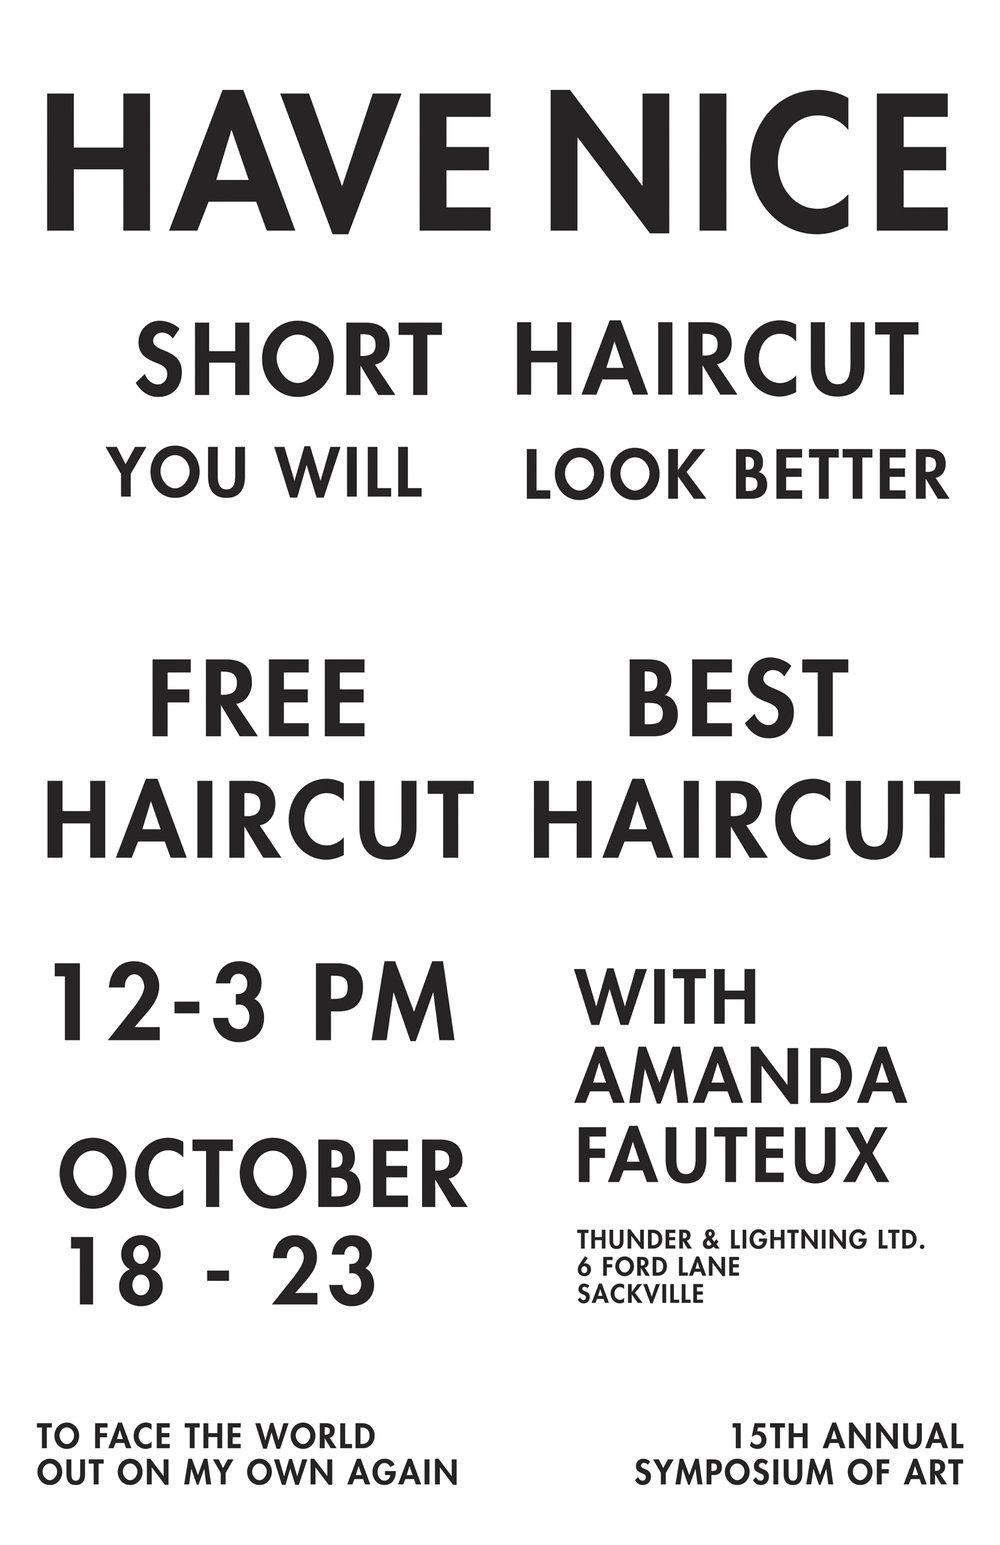 Haircuts_Fauteux-01.jpg